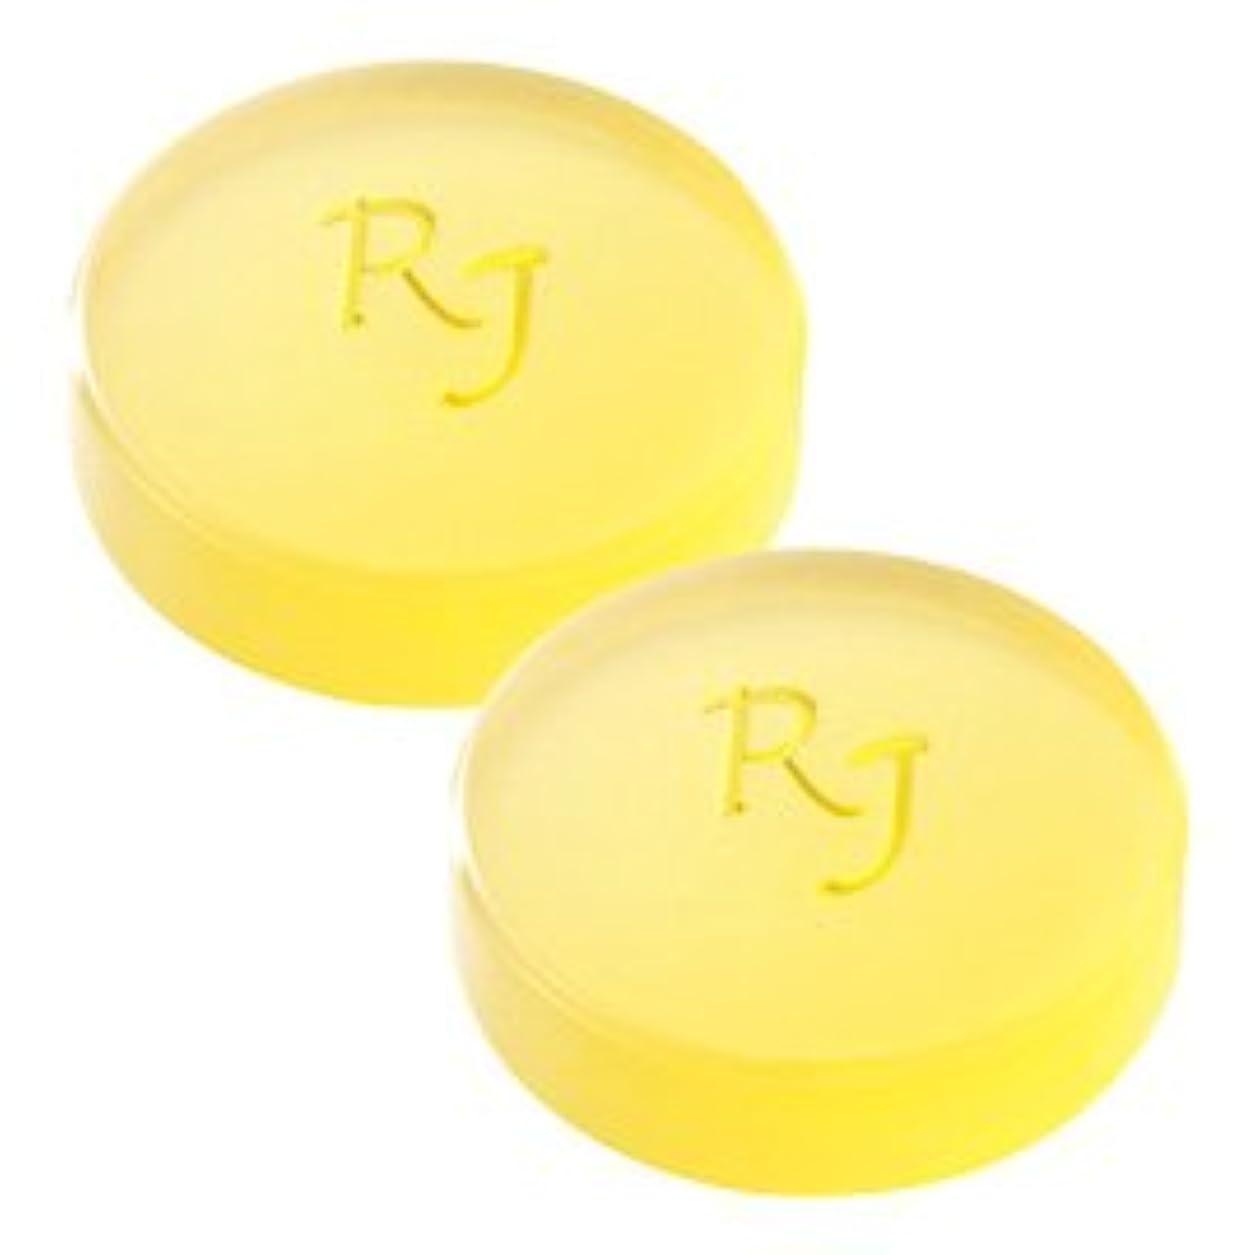 タヒチエスカレート現代RJスキンケアソープ(洗顔石鹸) 60g×2個 / RJ Skin Care Soap <60g×2>